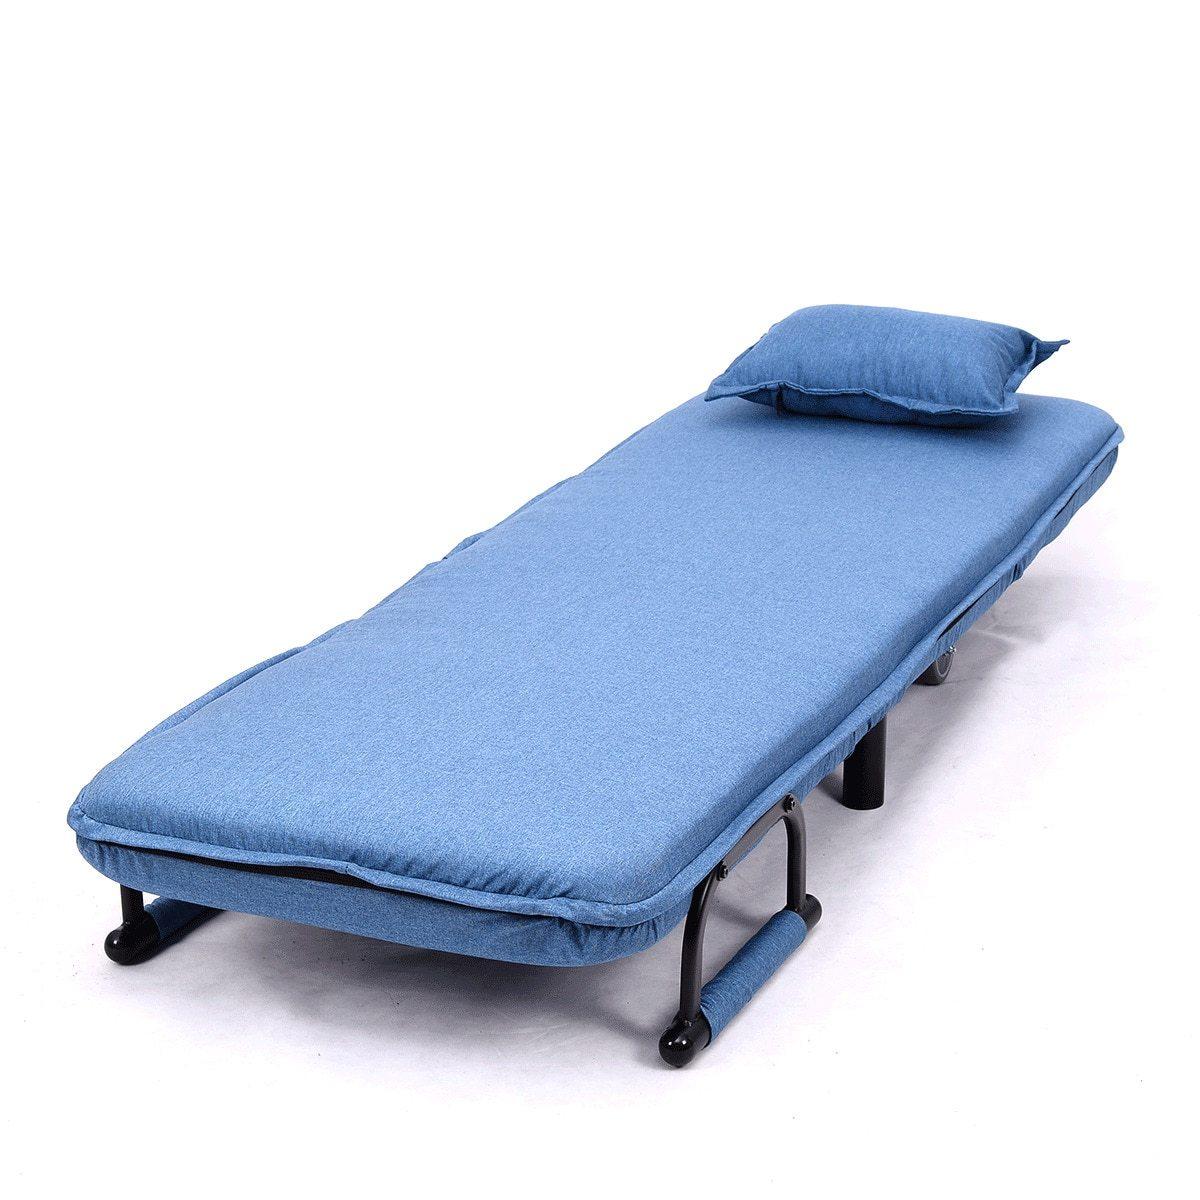 Modern Convertible Sleeper Arm Chair